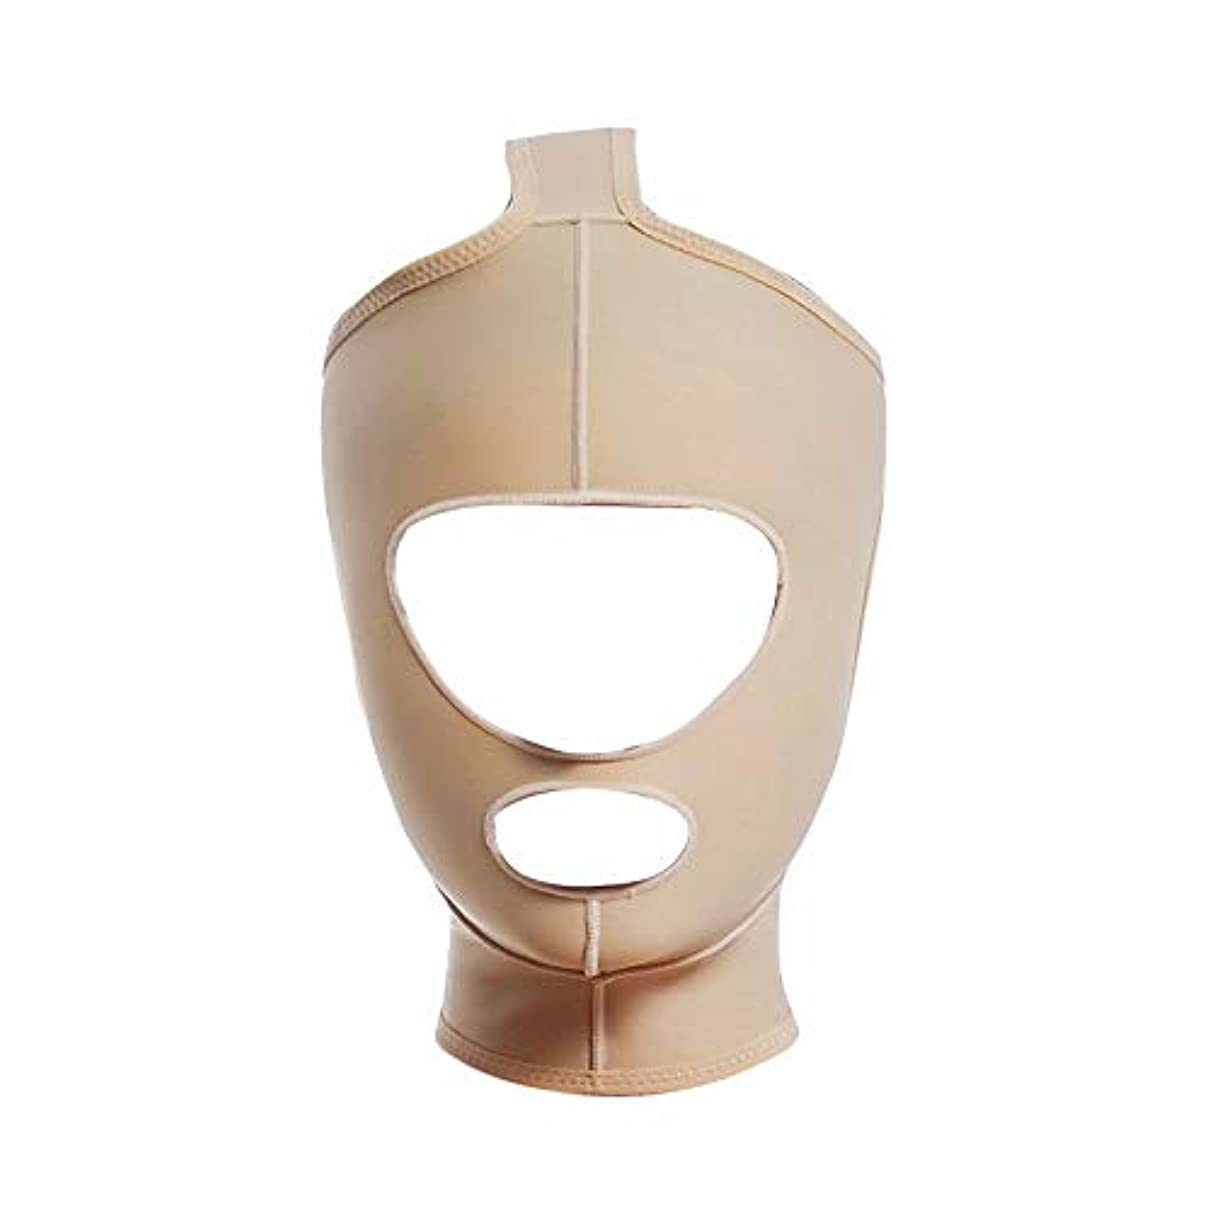 ネブボス良さGLJJQMY 顔と首のリフト痩身マスクの顔の彫刻の顔の弾性スーツ薄い二重あごのアーティファクトV顔のビーム表面 顔用整形マスク (Size : M)